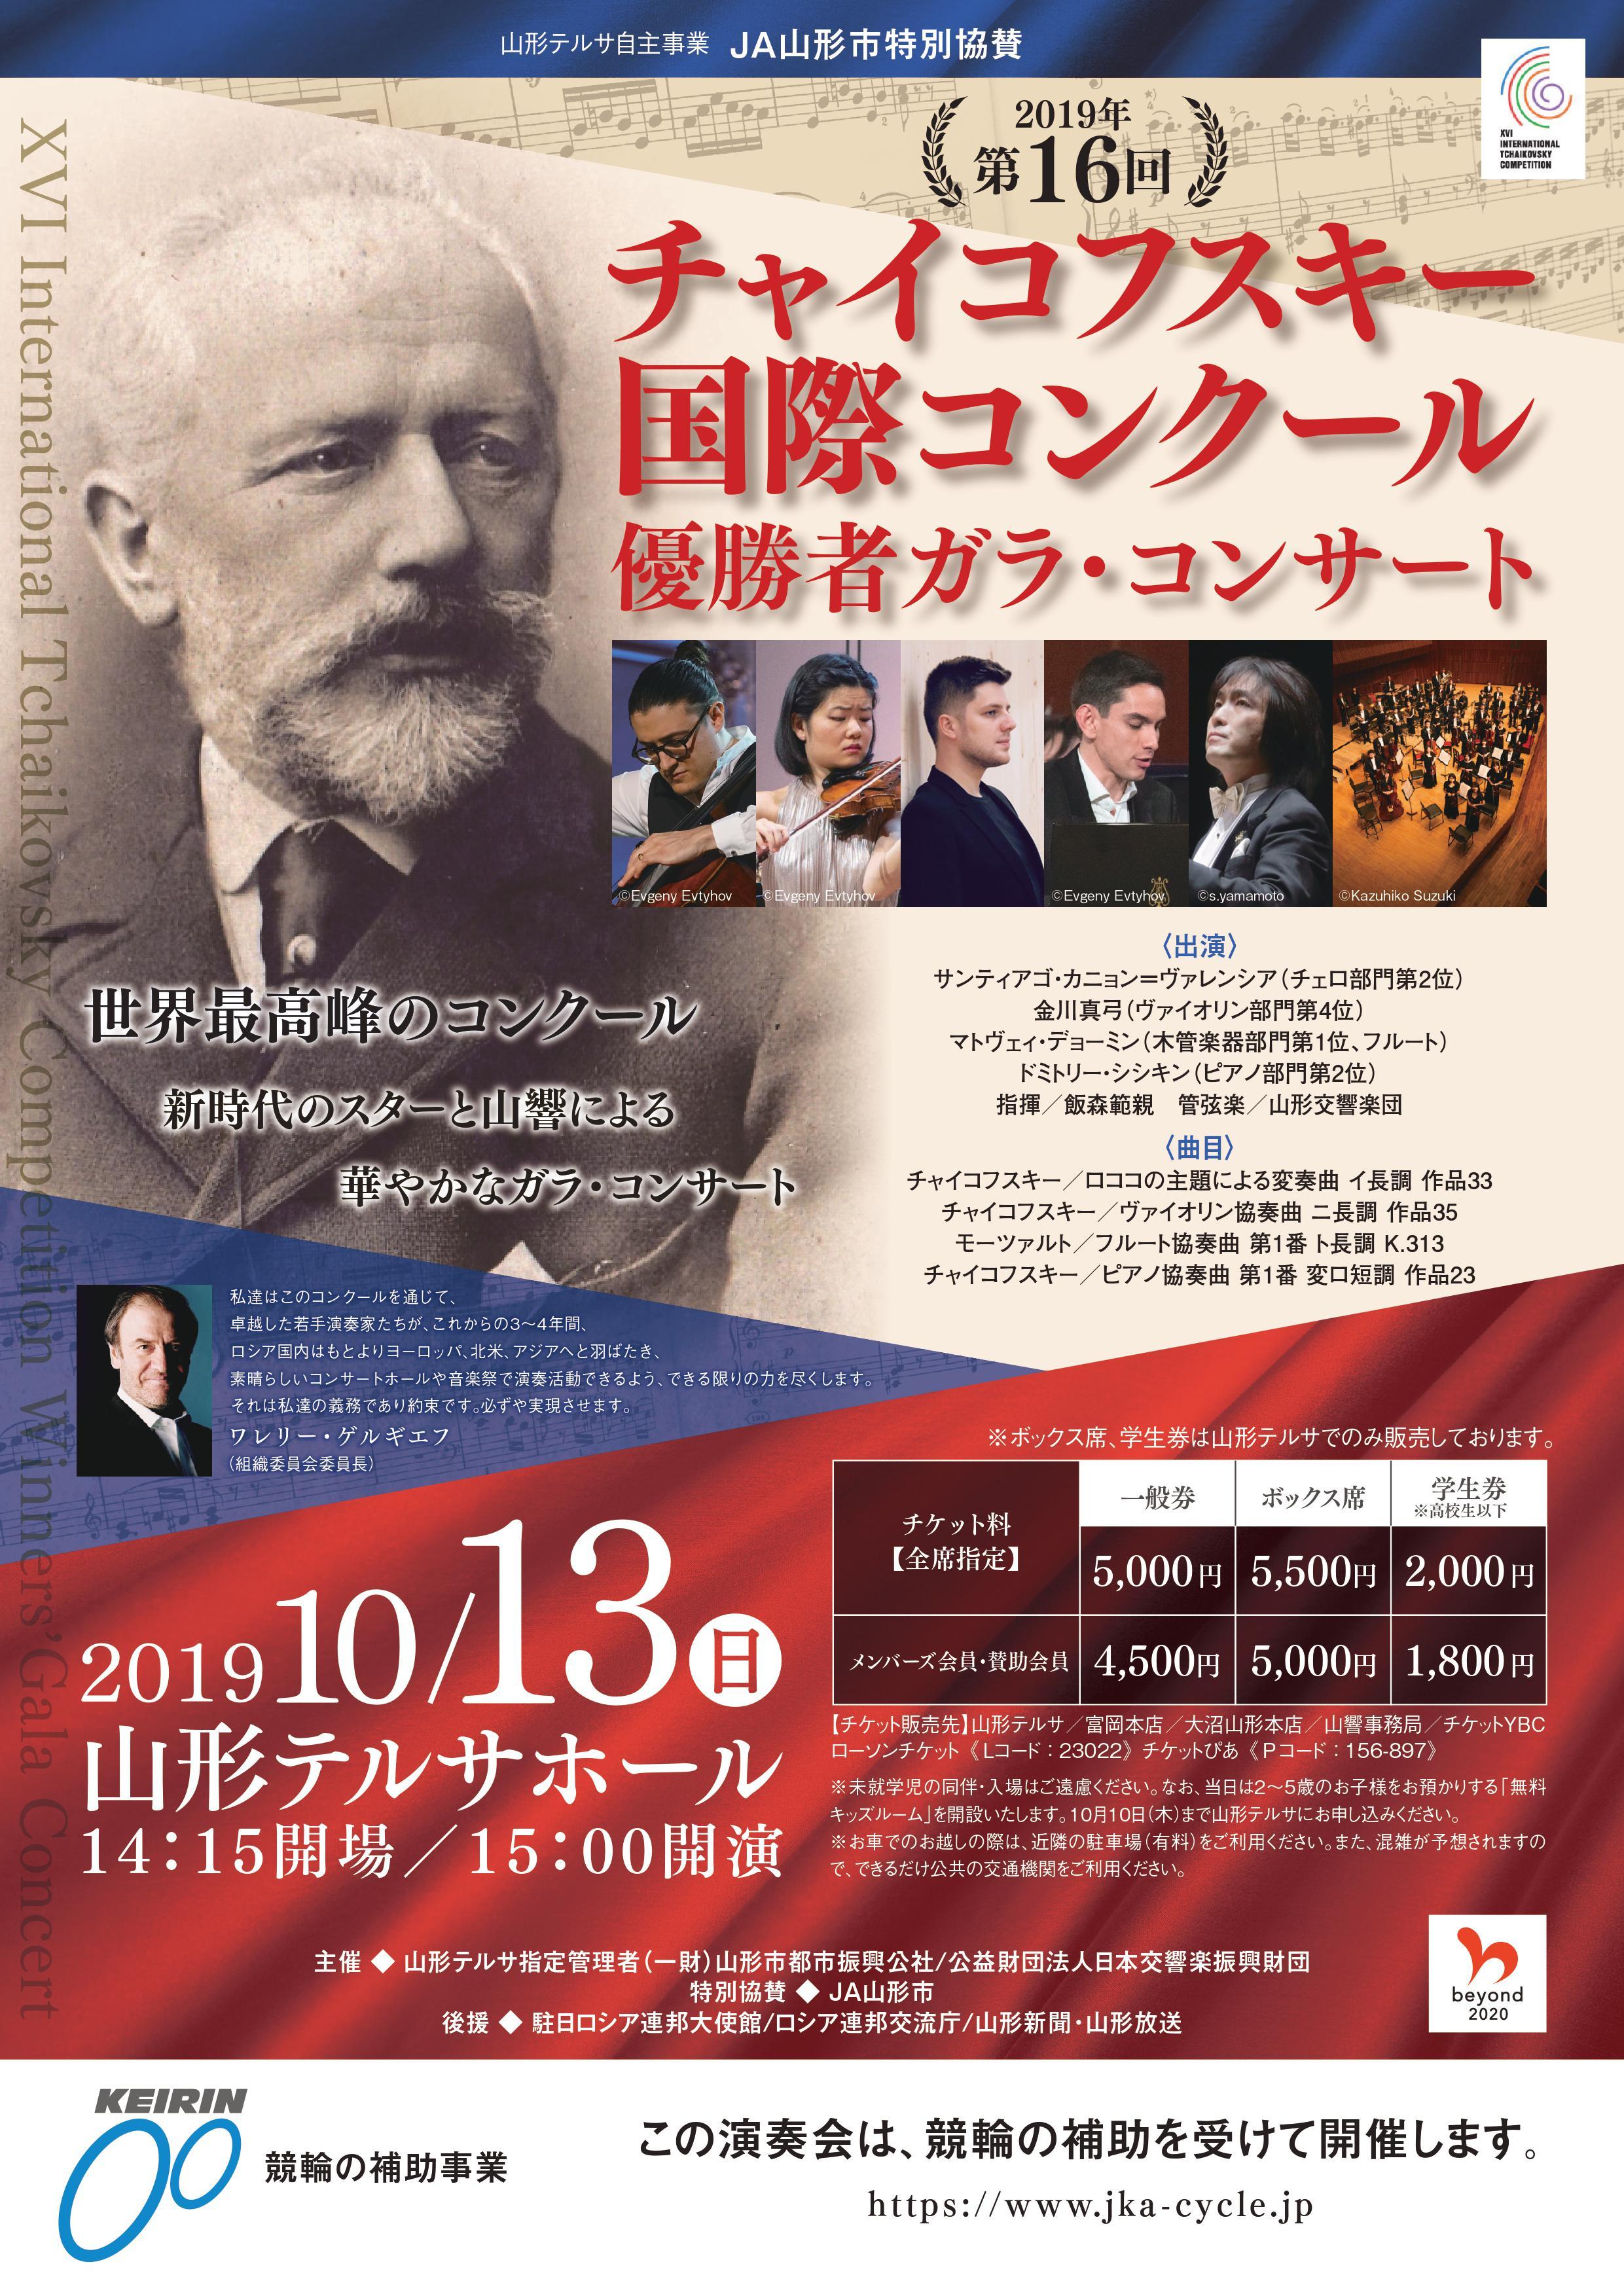 チャイコフスキー国際コンクール<br>優勝者ガラ・コンサート